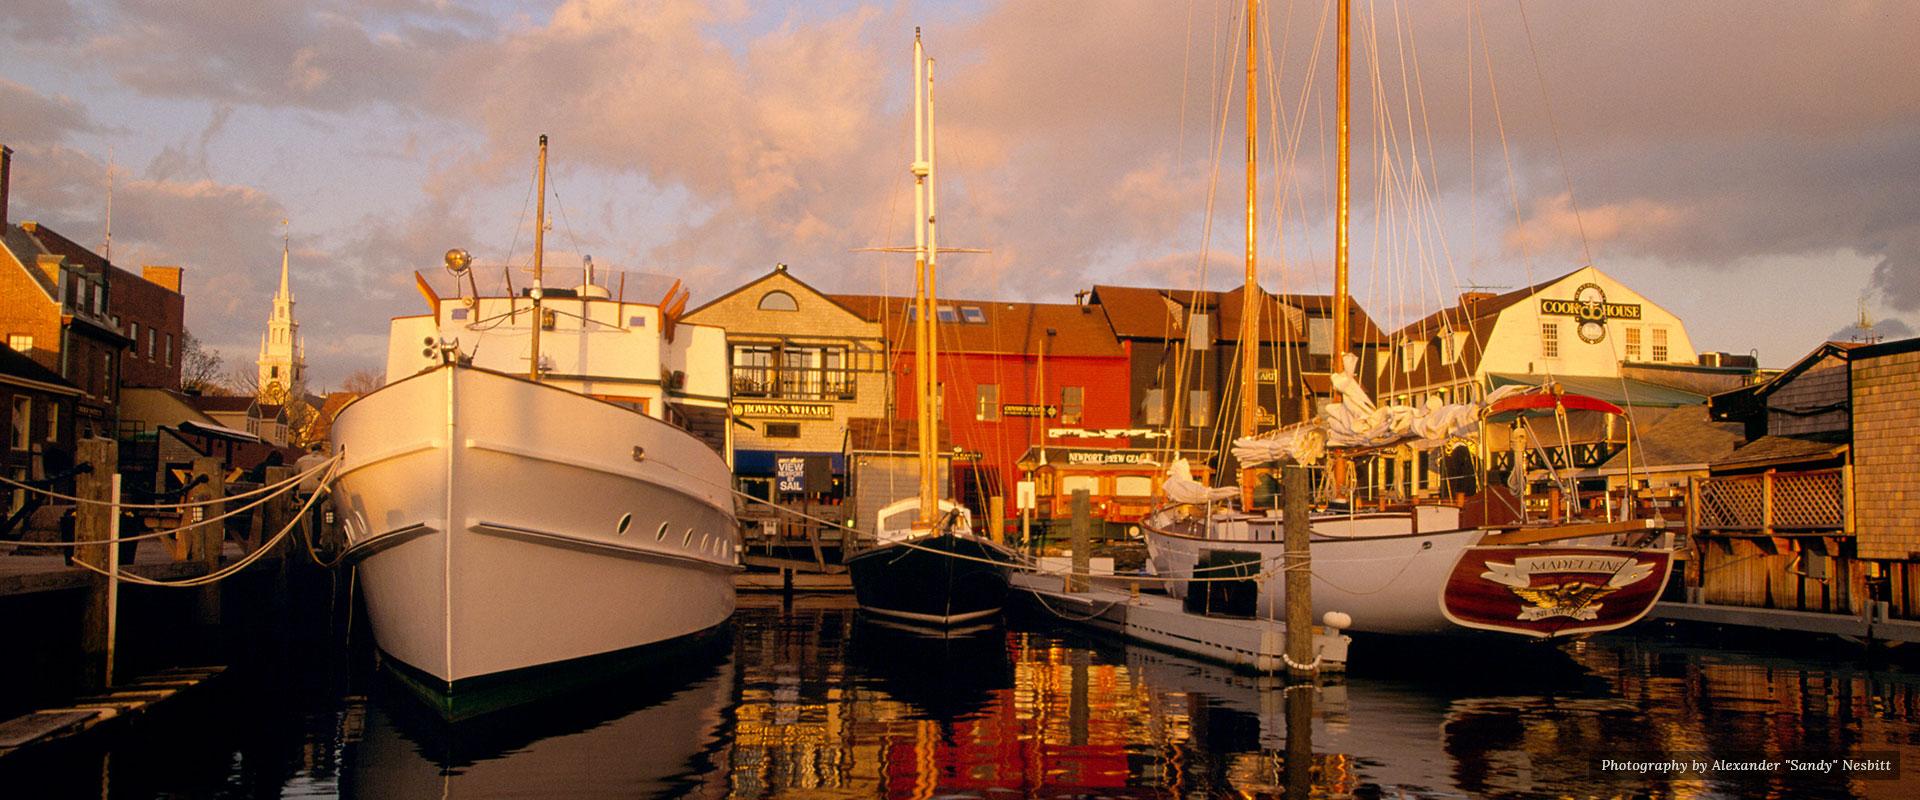 Watefront | Newport Inns of Rhode Island